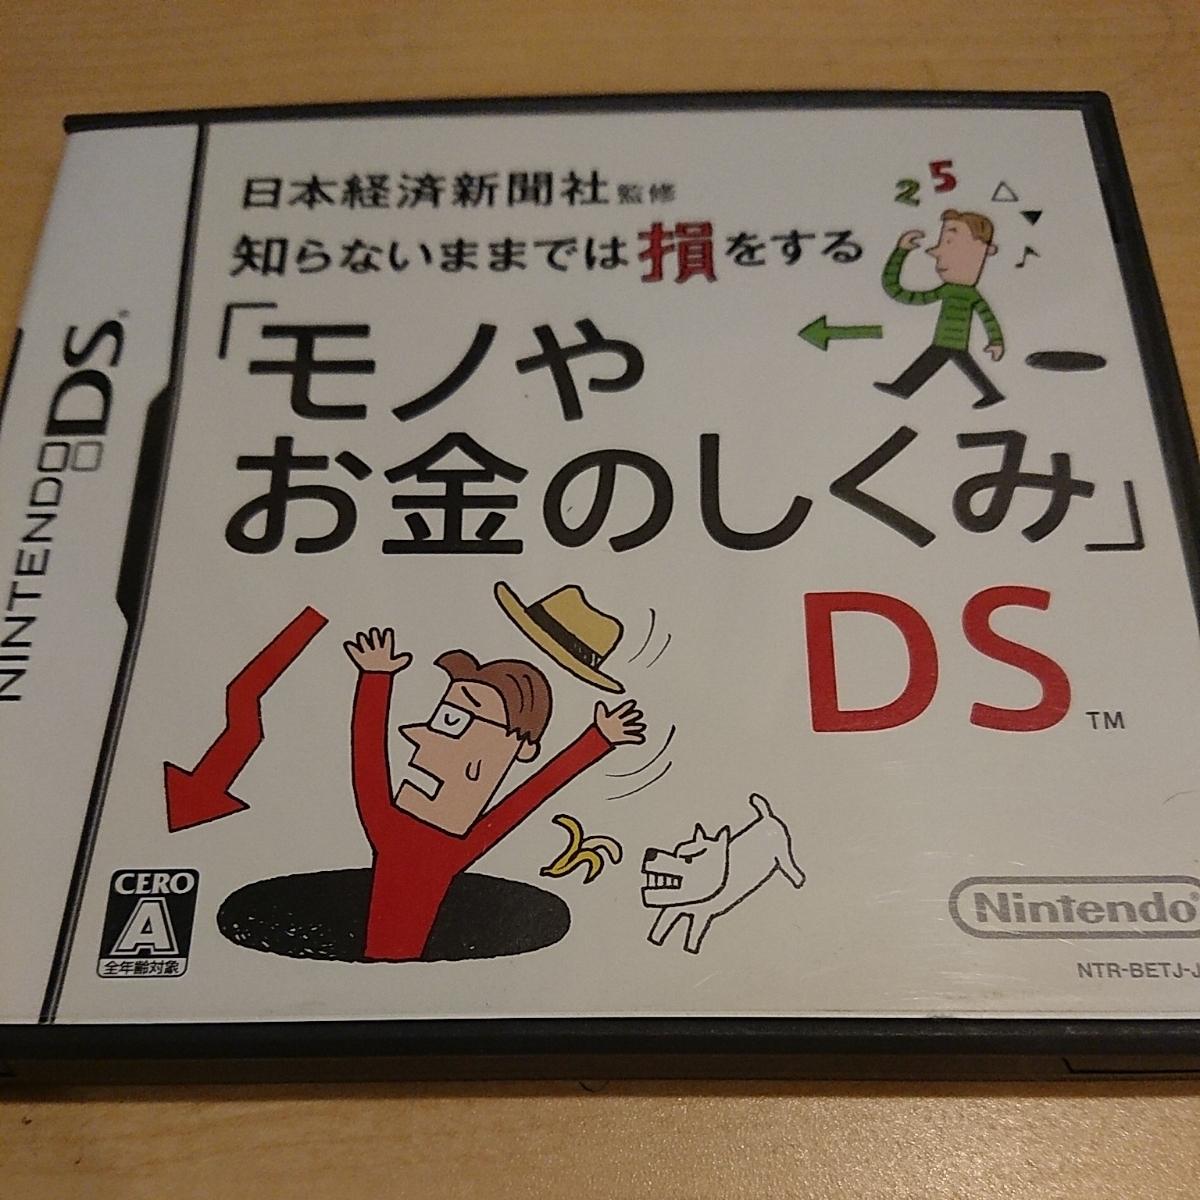 日本経済新聞社監修 知らないままでは損をする「モノやお金のしくみ」DS 美品 送料164円_画像1